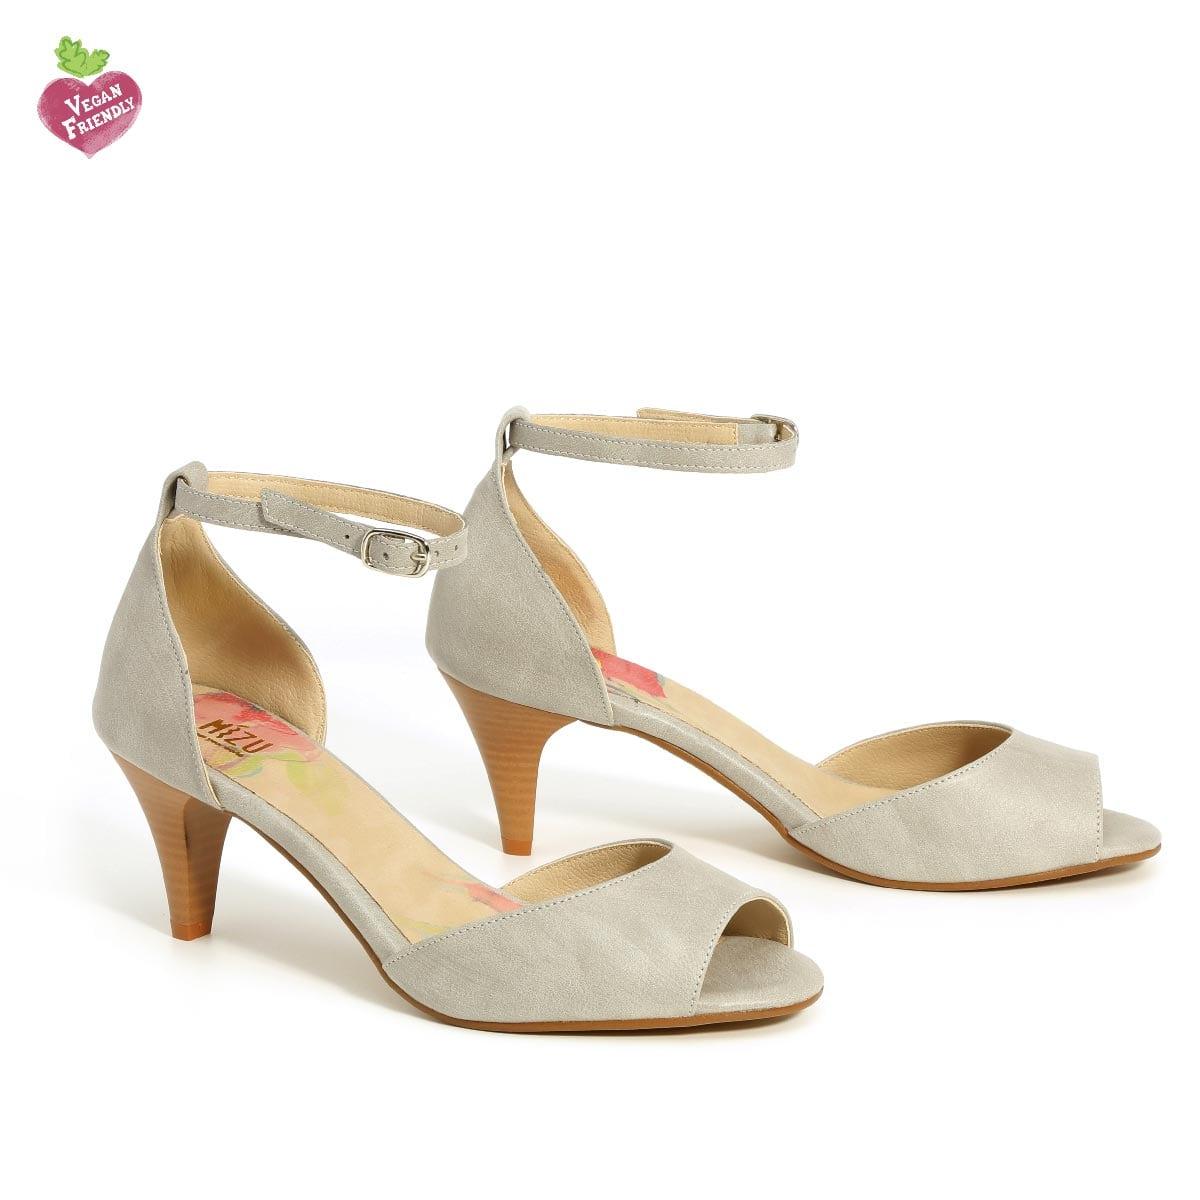 דגם נירית: נעלי עקב טבעוניות בצבע אפור